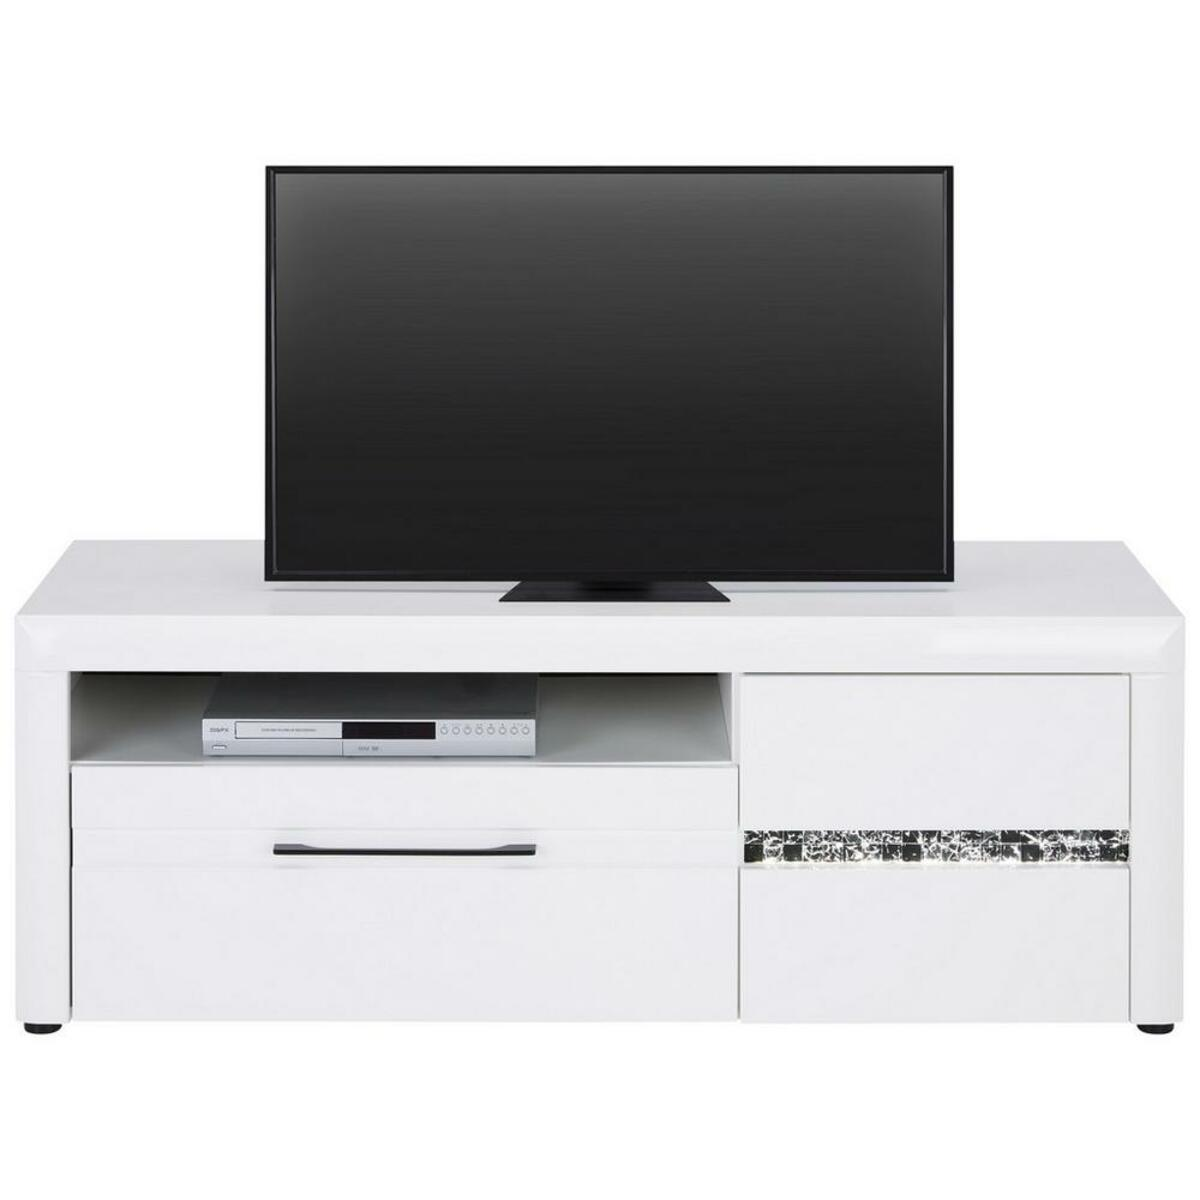 Bild 1 von TV-Element in Weiß Hochglanz